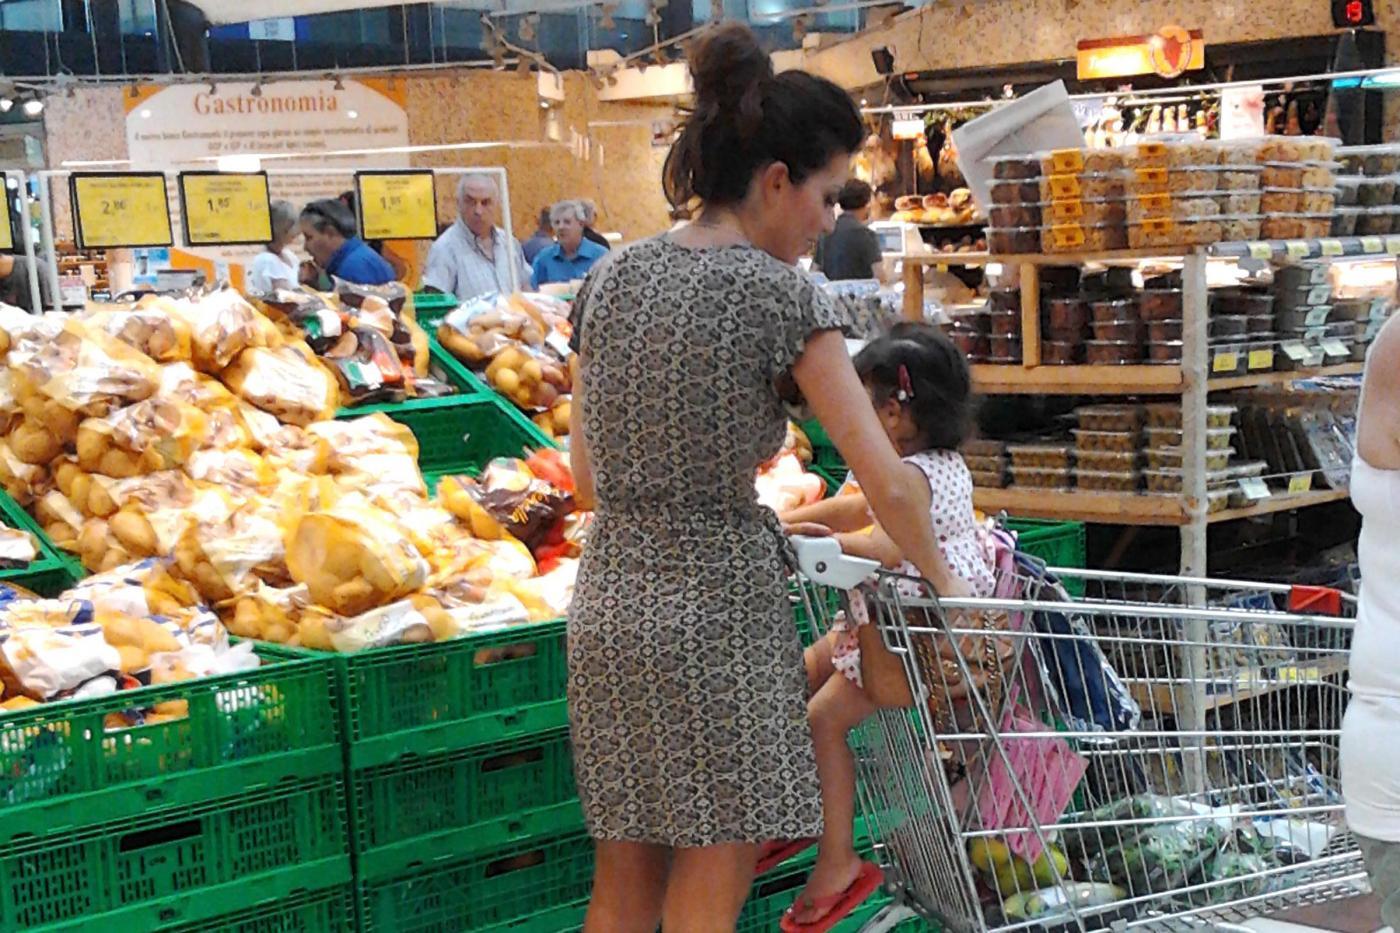 Laura Torrisi, la compagna di Pieraccioni mamma perfetta al supermercato03